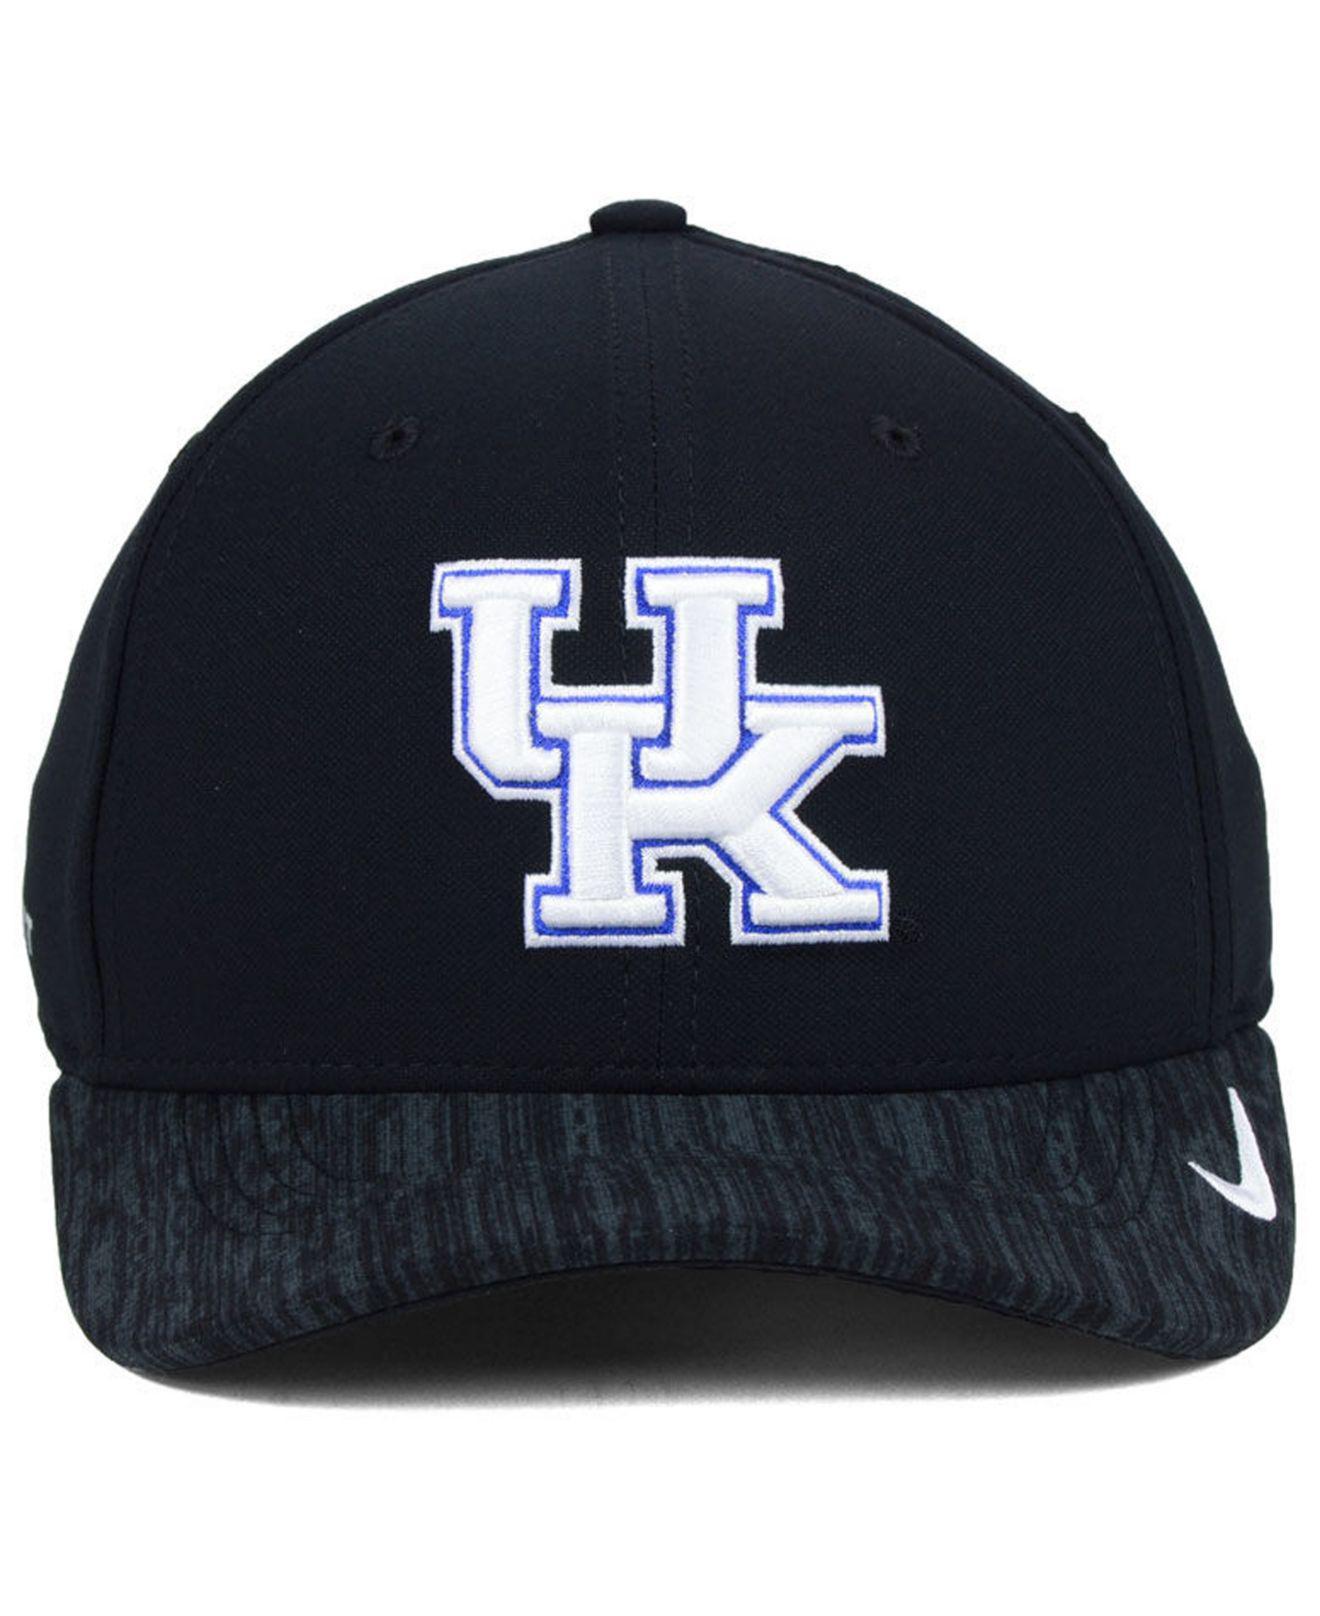 27c9be29ac9 Lyst - Nike Kentucky Wildcats Arobill Swoosh Flex Cap in Black for Men